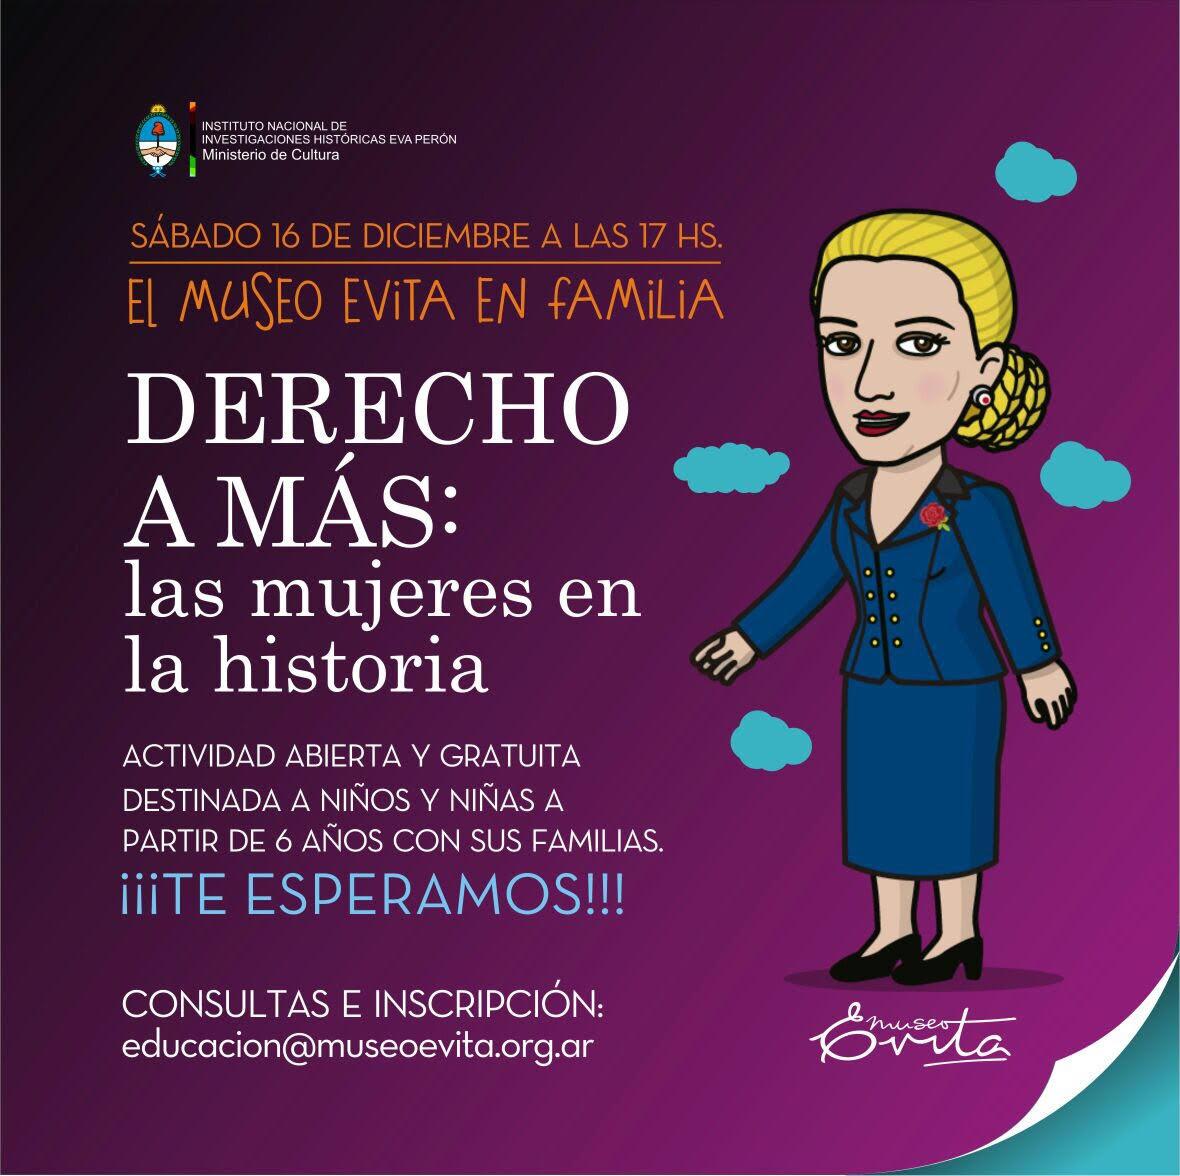 Derecho a más: las mujeres en la historia